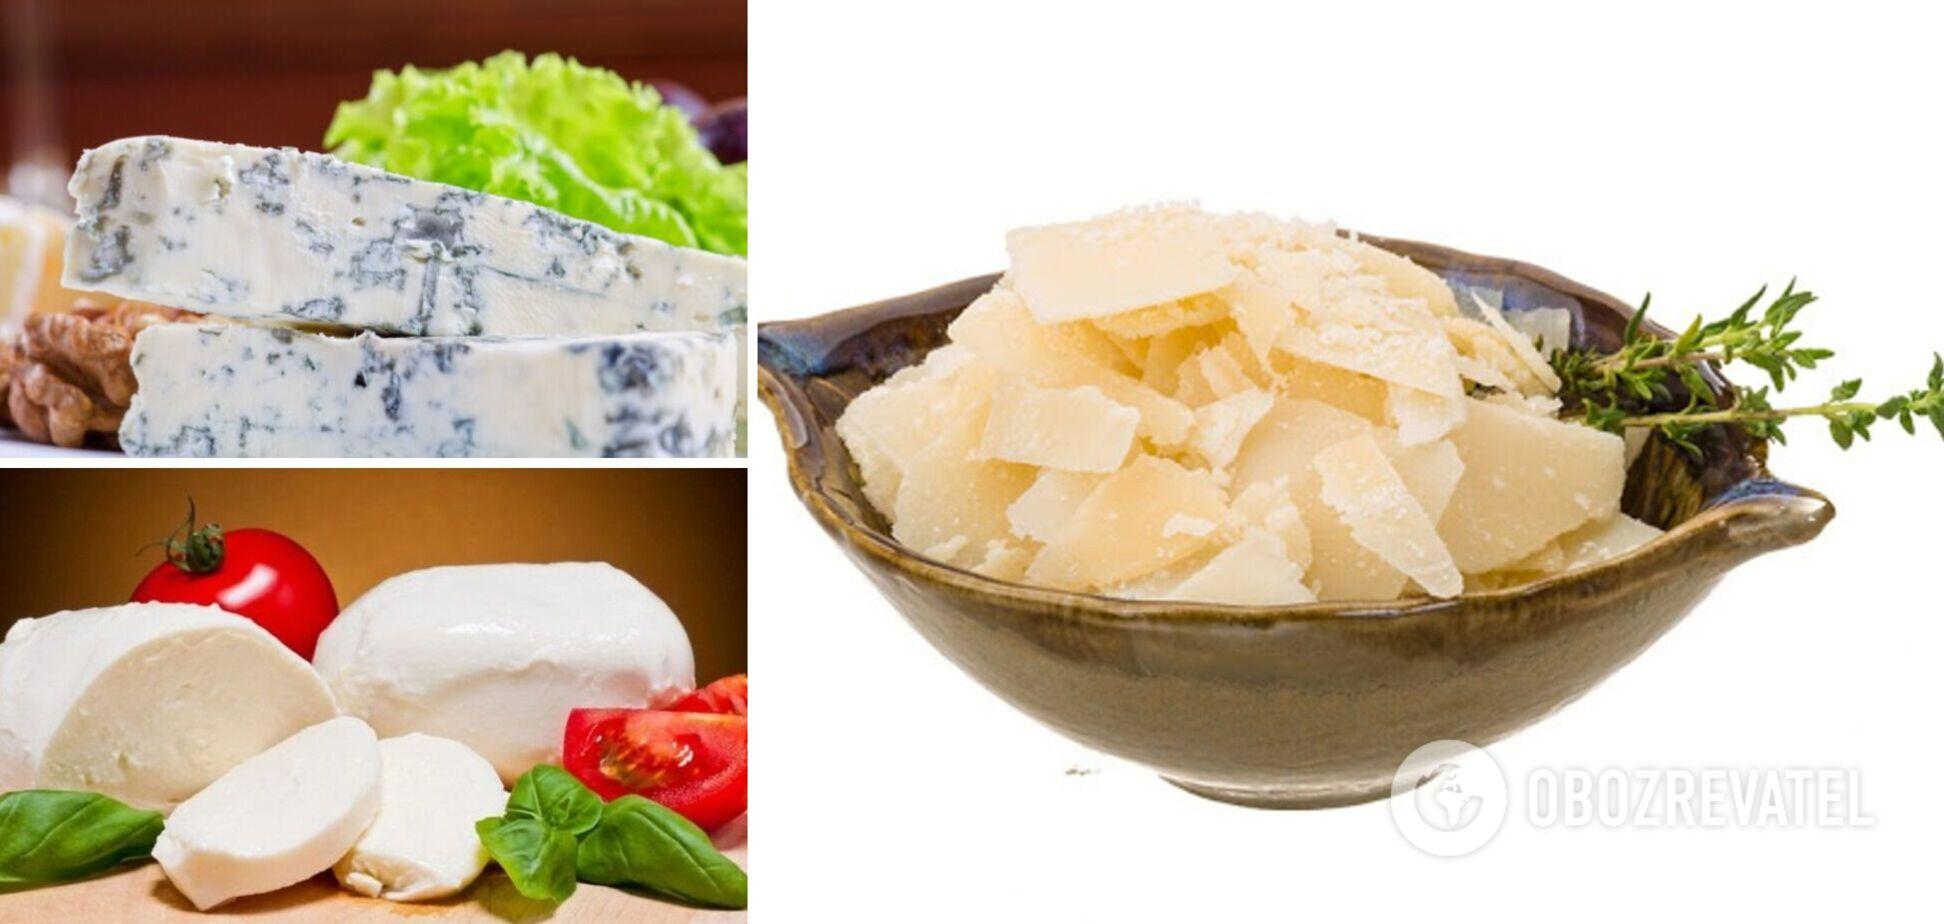 Сырная тарелка: что является для сыра идеальной парой